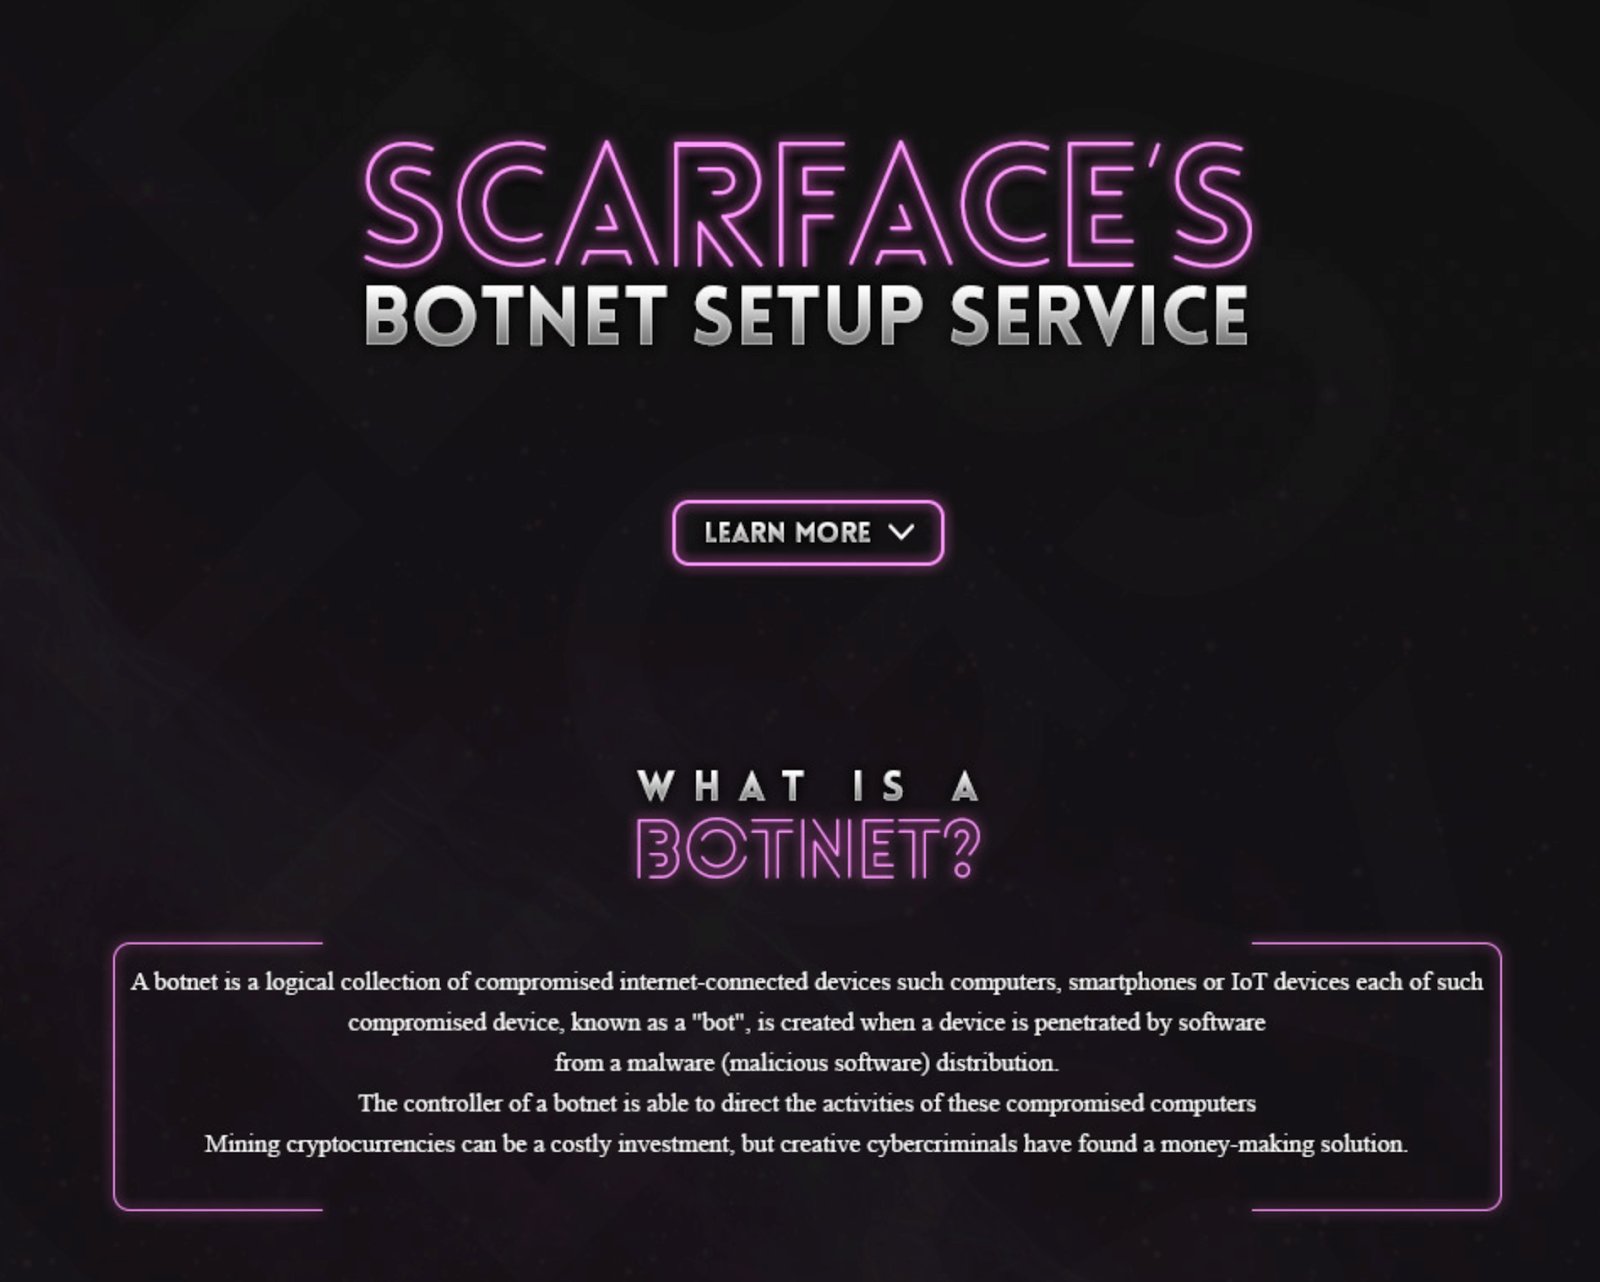 scarface-botnet-setup-service